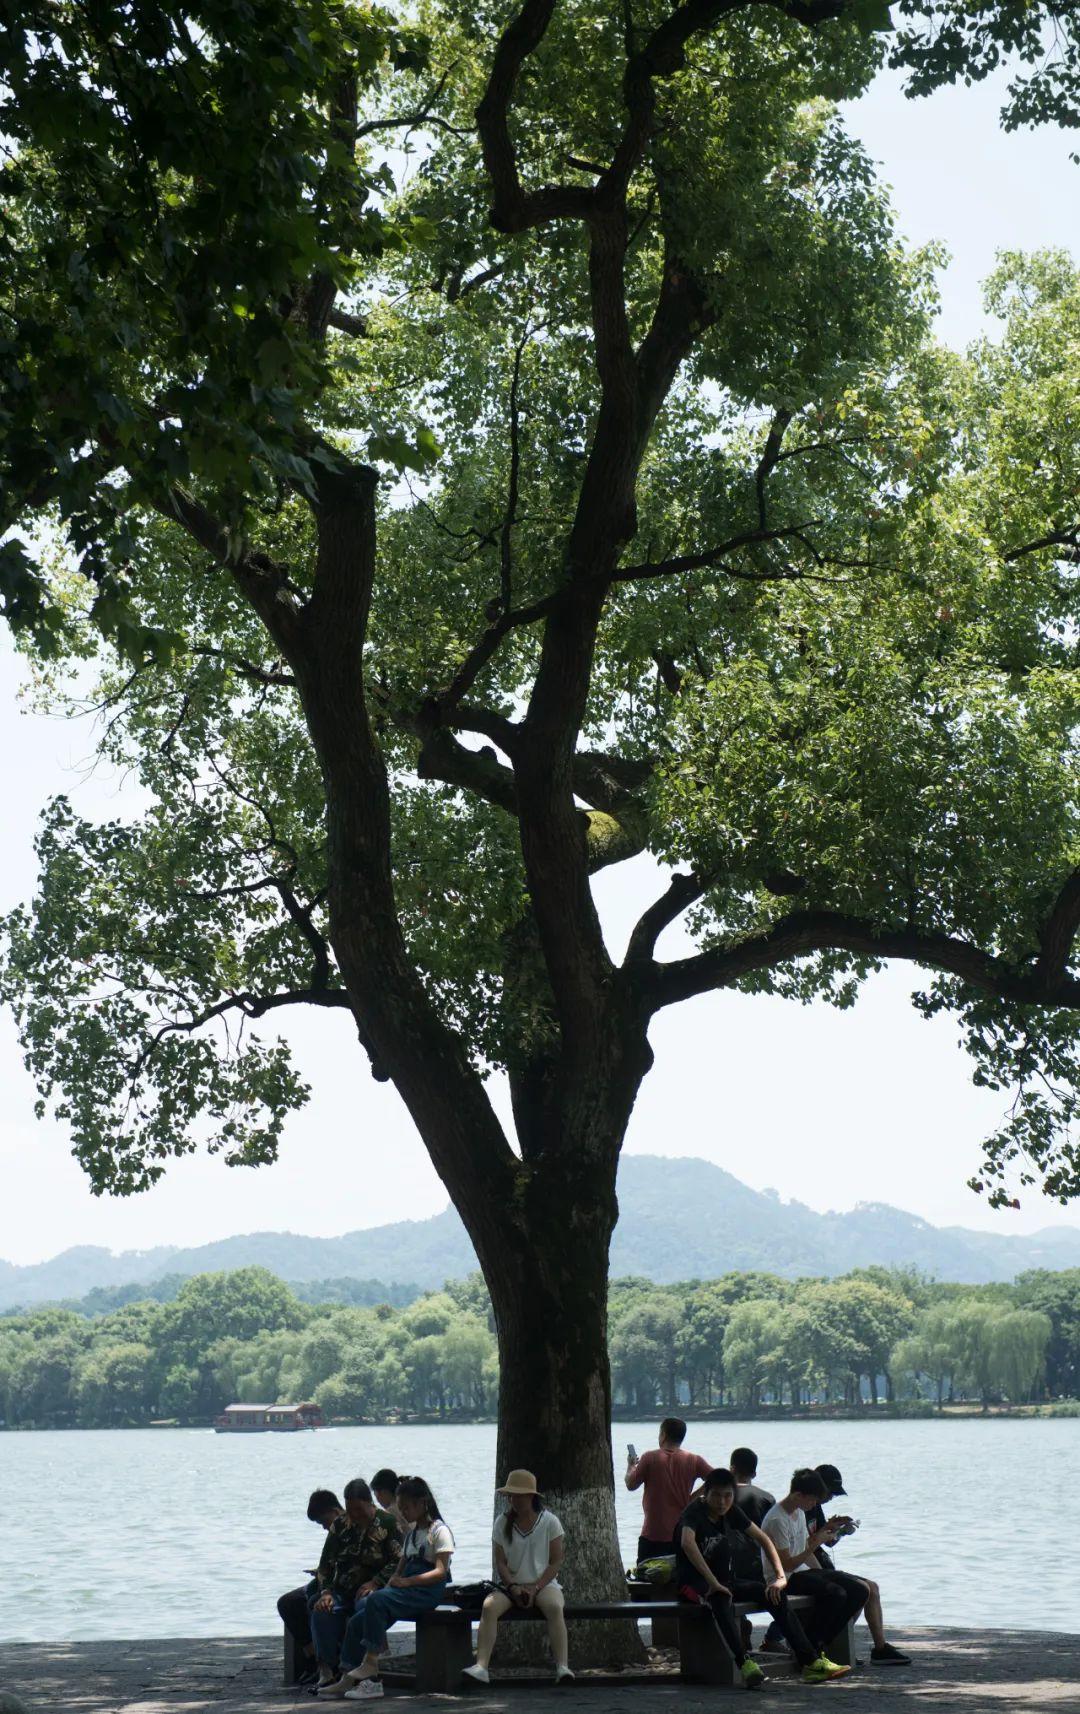 立秋|乳鸦啼散玉屏空,一枕新凉一扇风